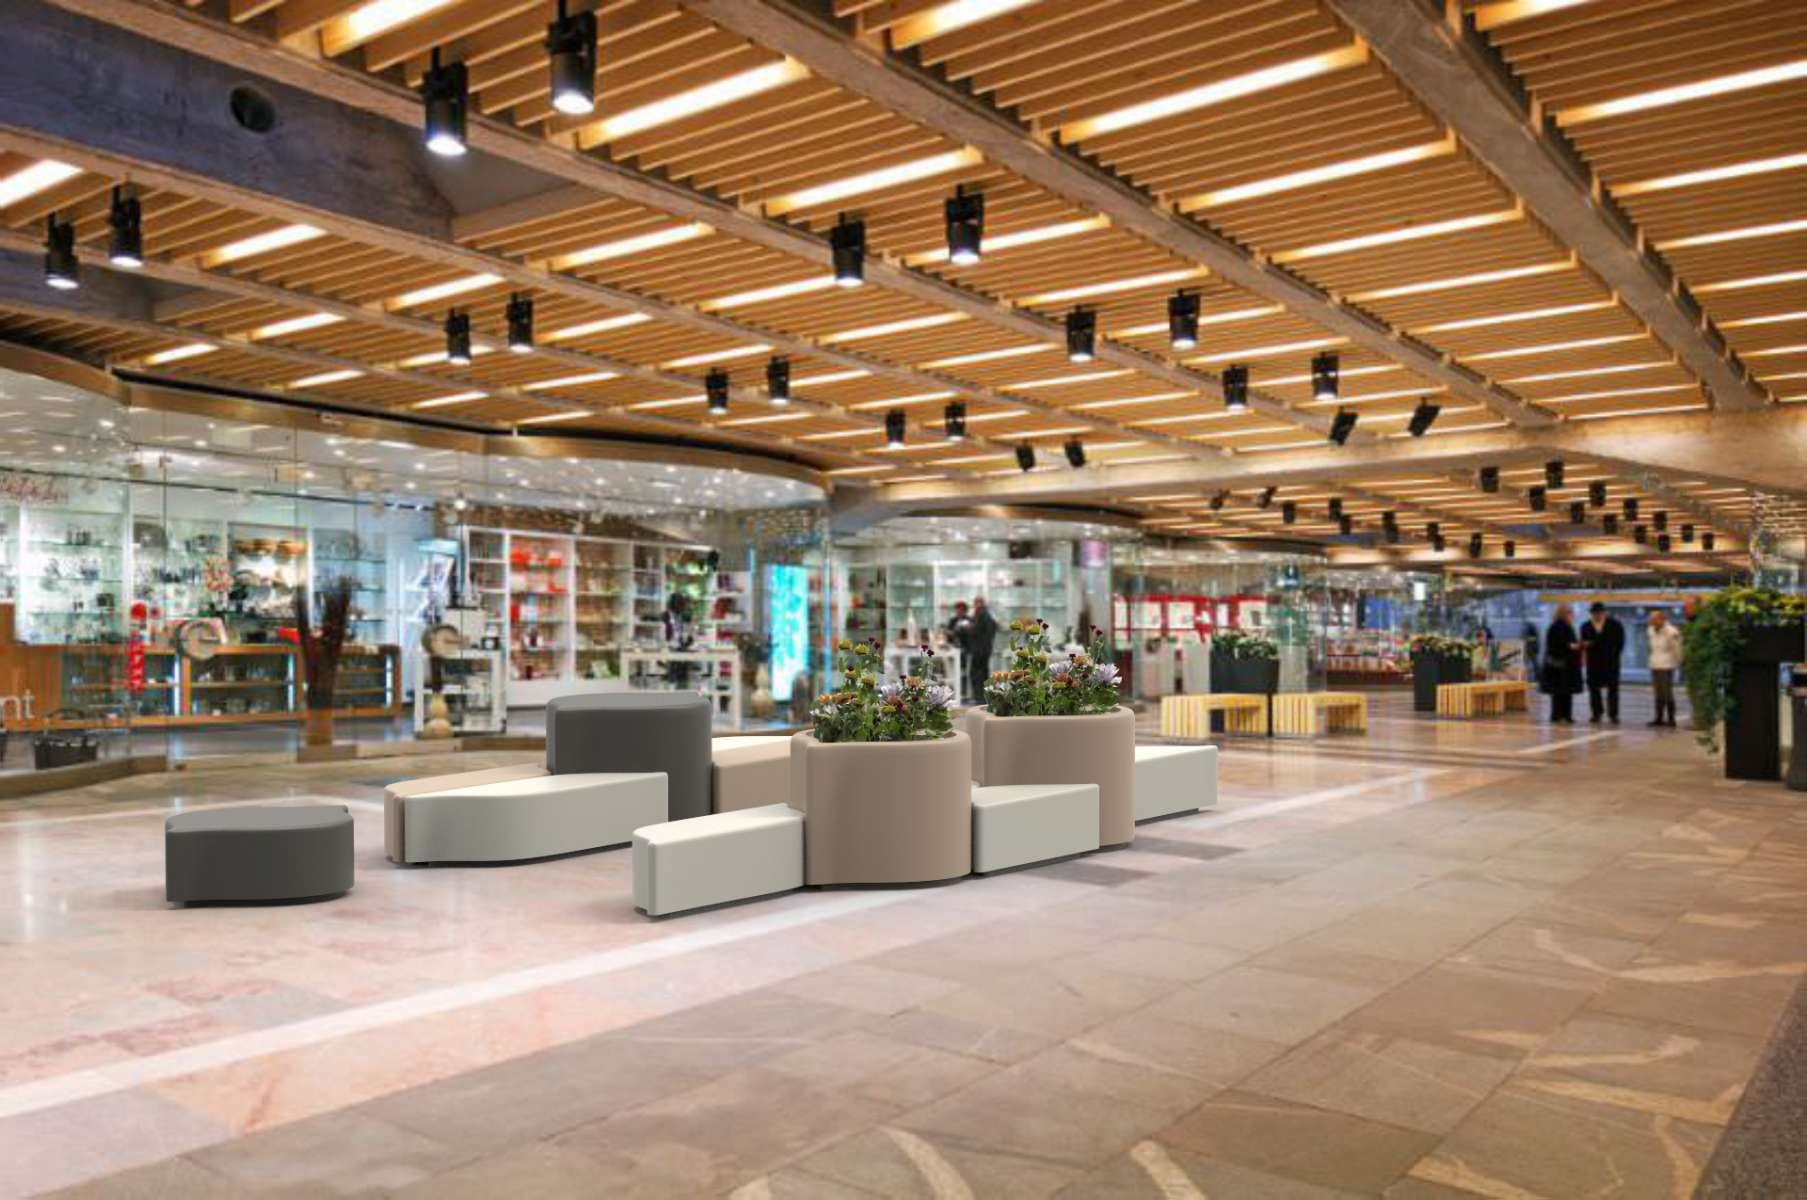 Lungo bank voor binnen in winkelcentra en winkels